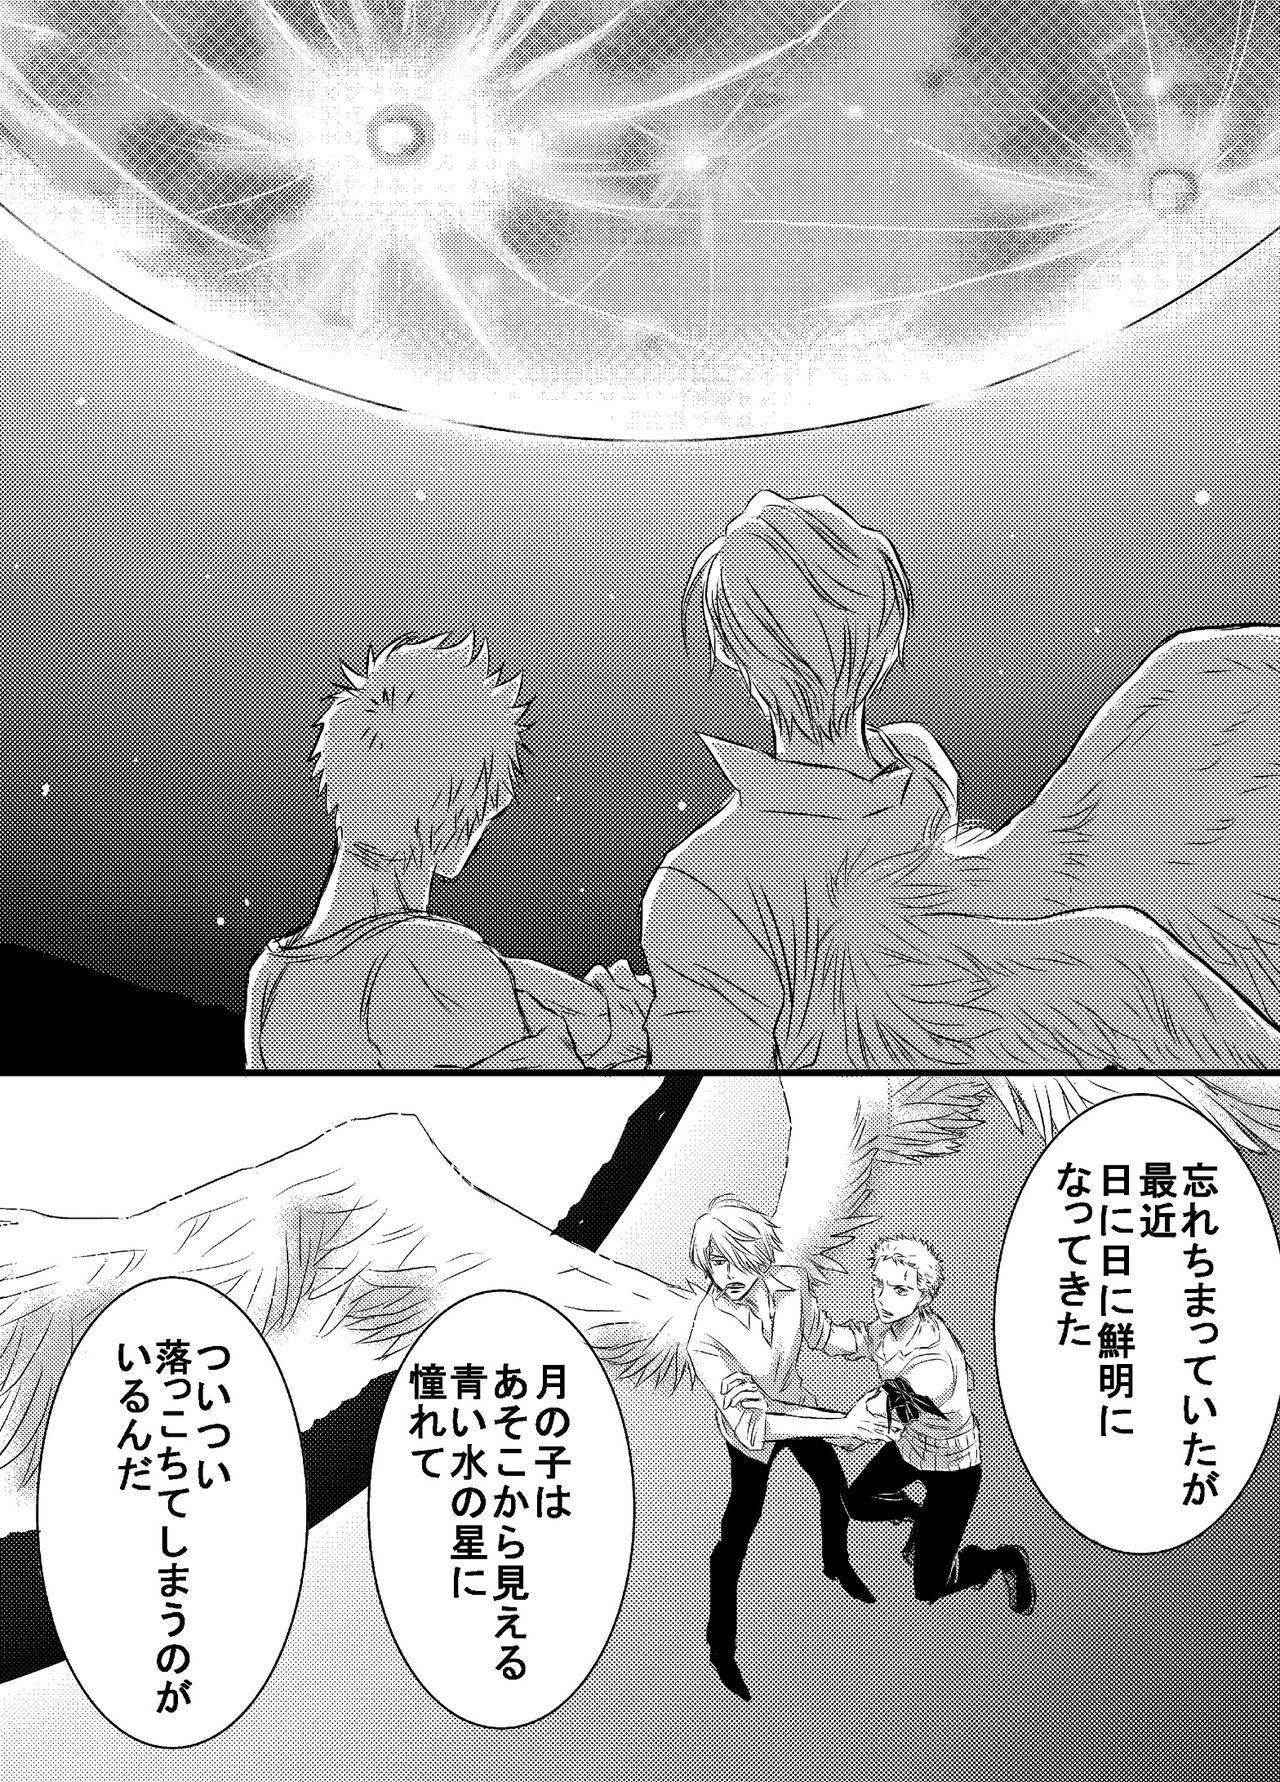 Inryoku de Hanasanai 7